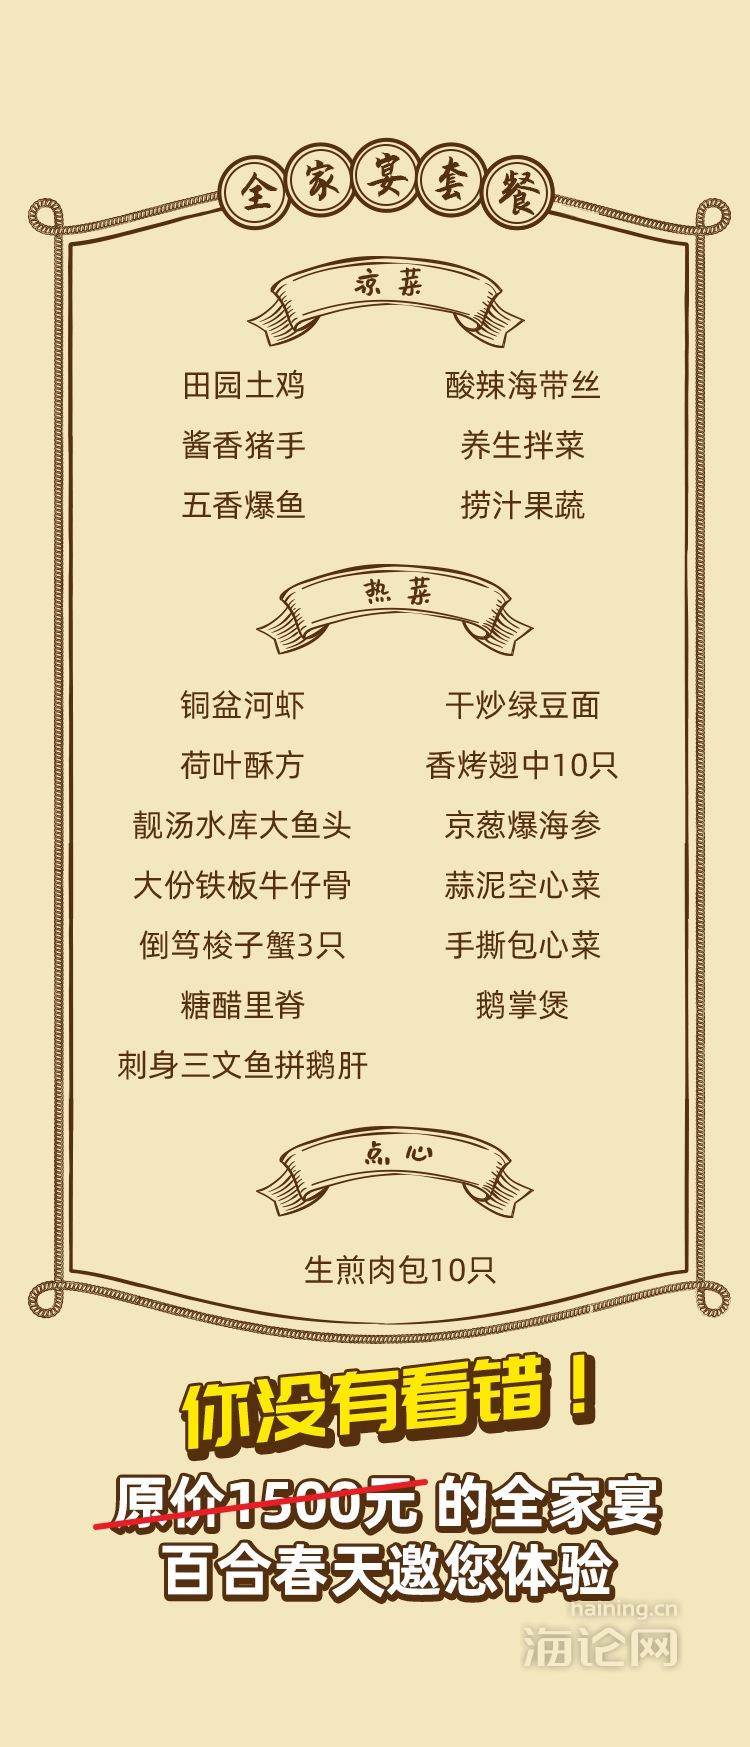 菜单1(1).jpg